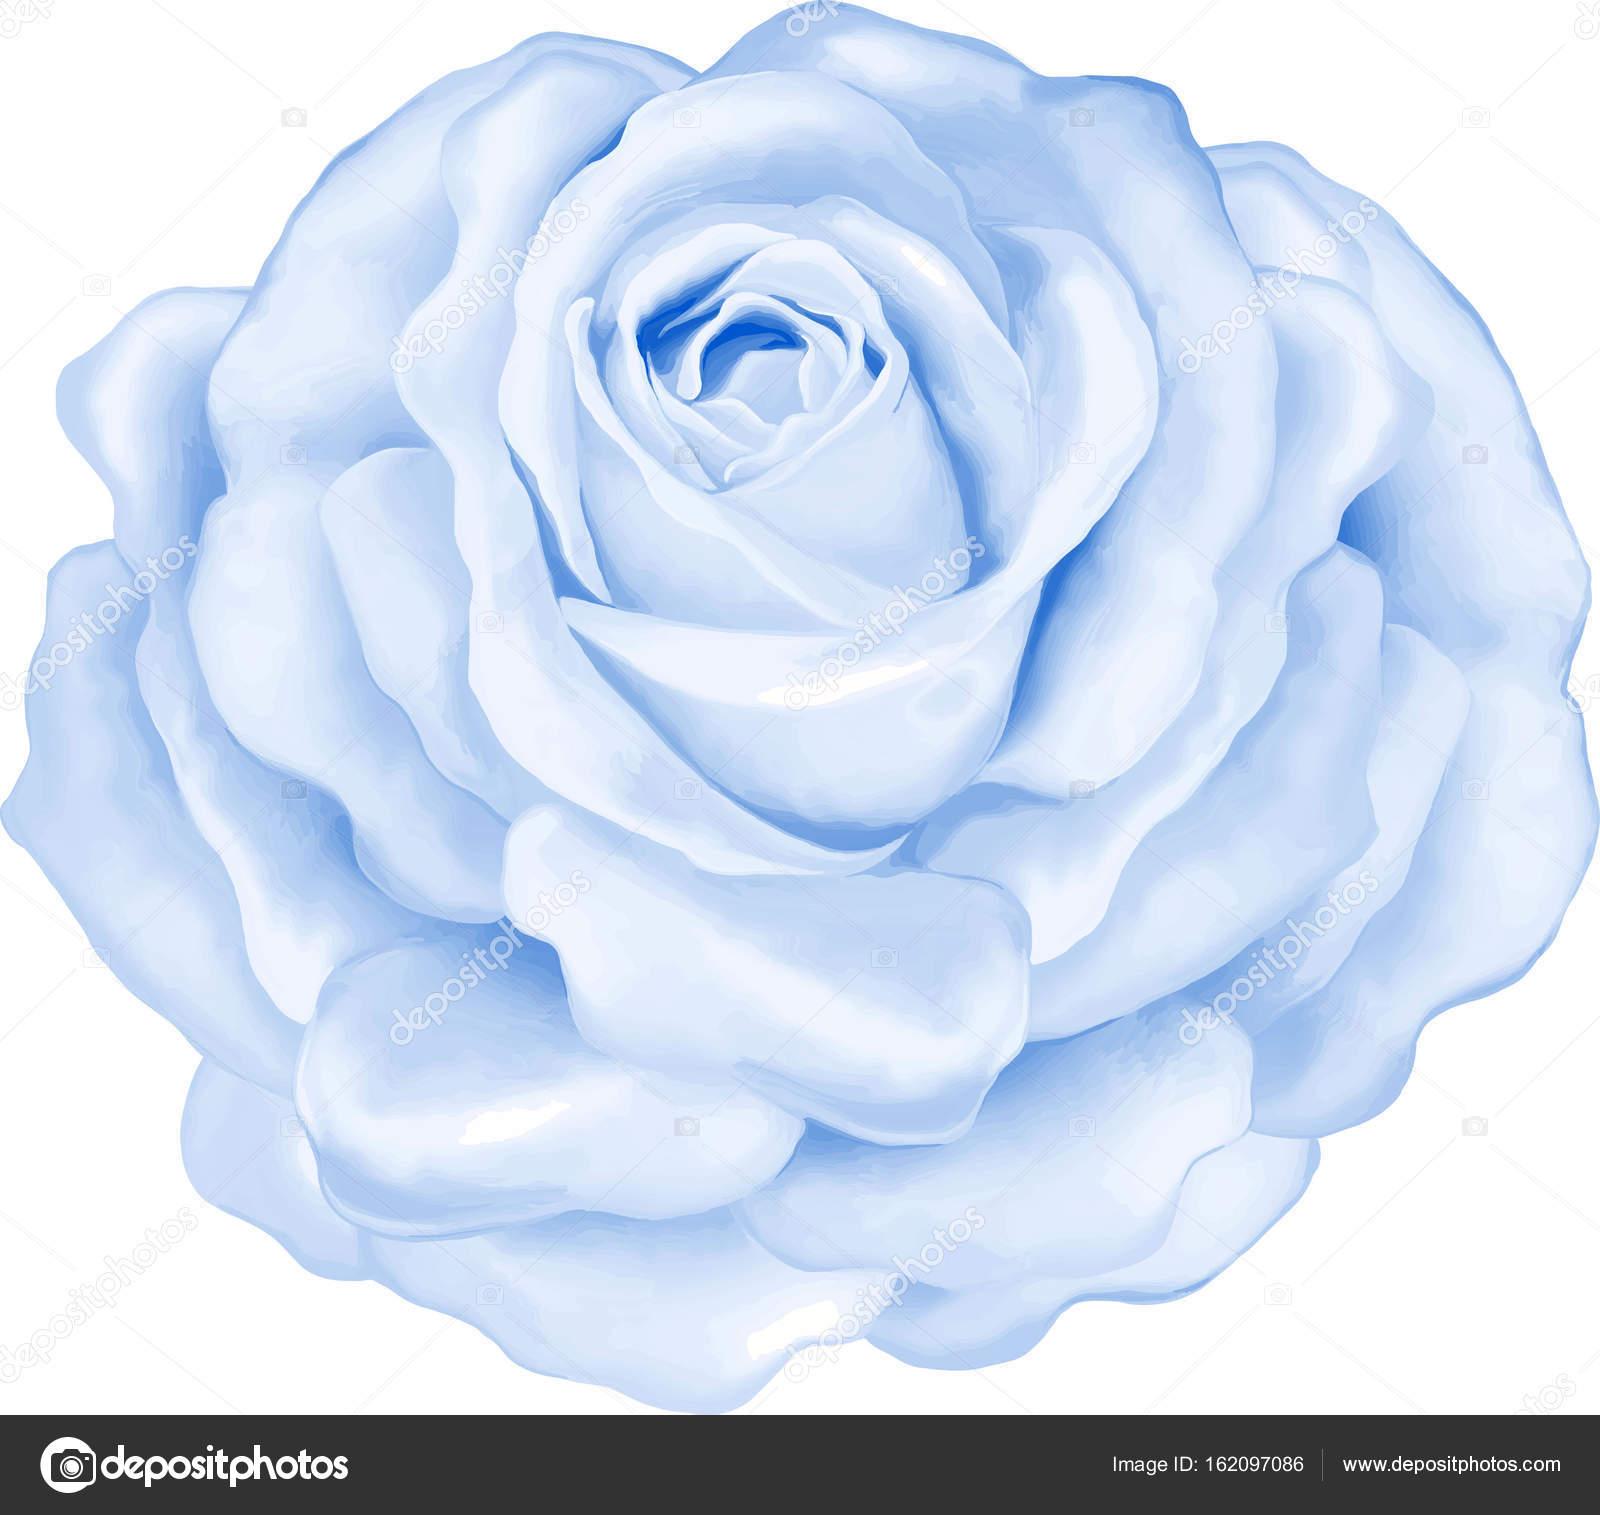 Belle Image Rose Bleu belle fleur rose bleu clair — photographie artnature © #162097086